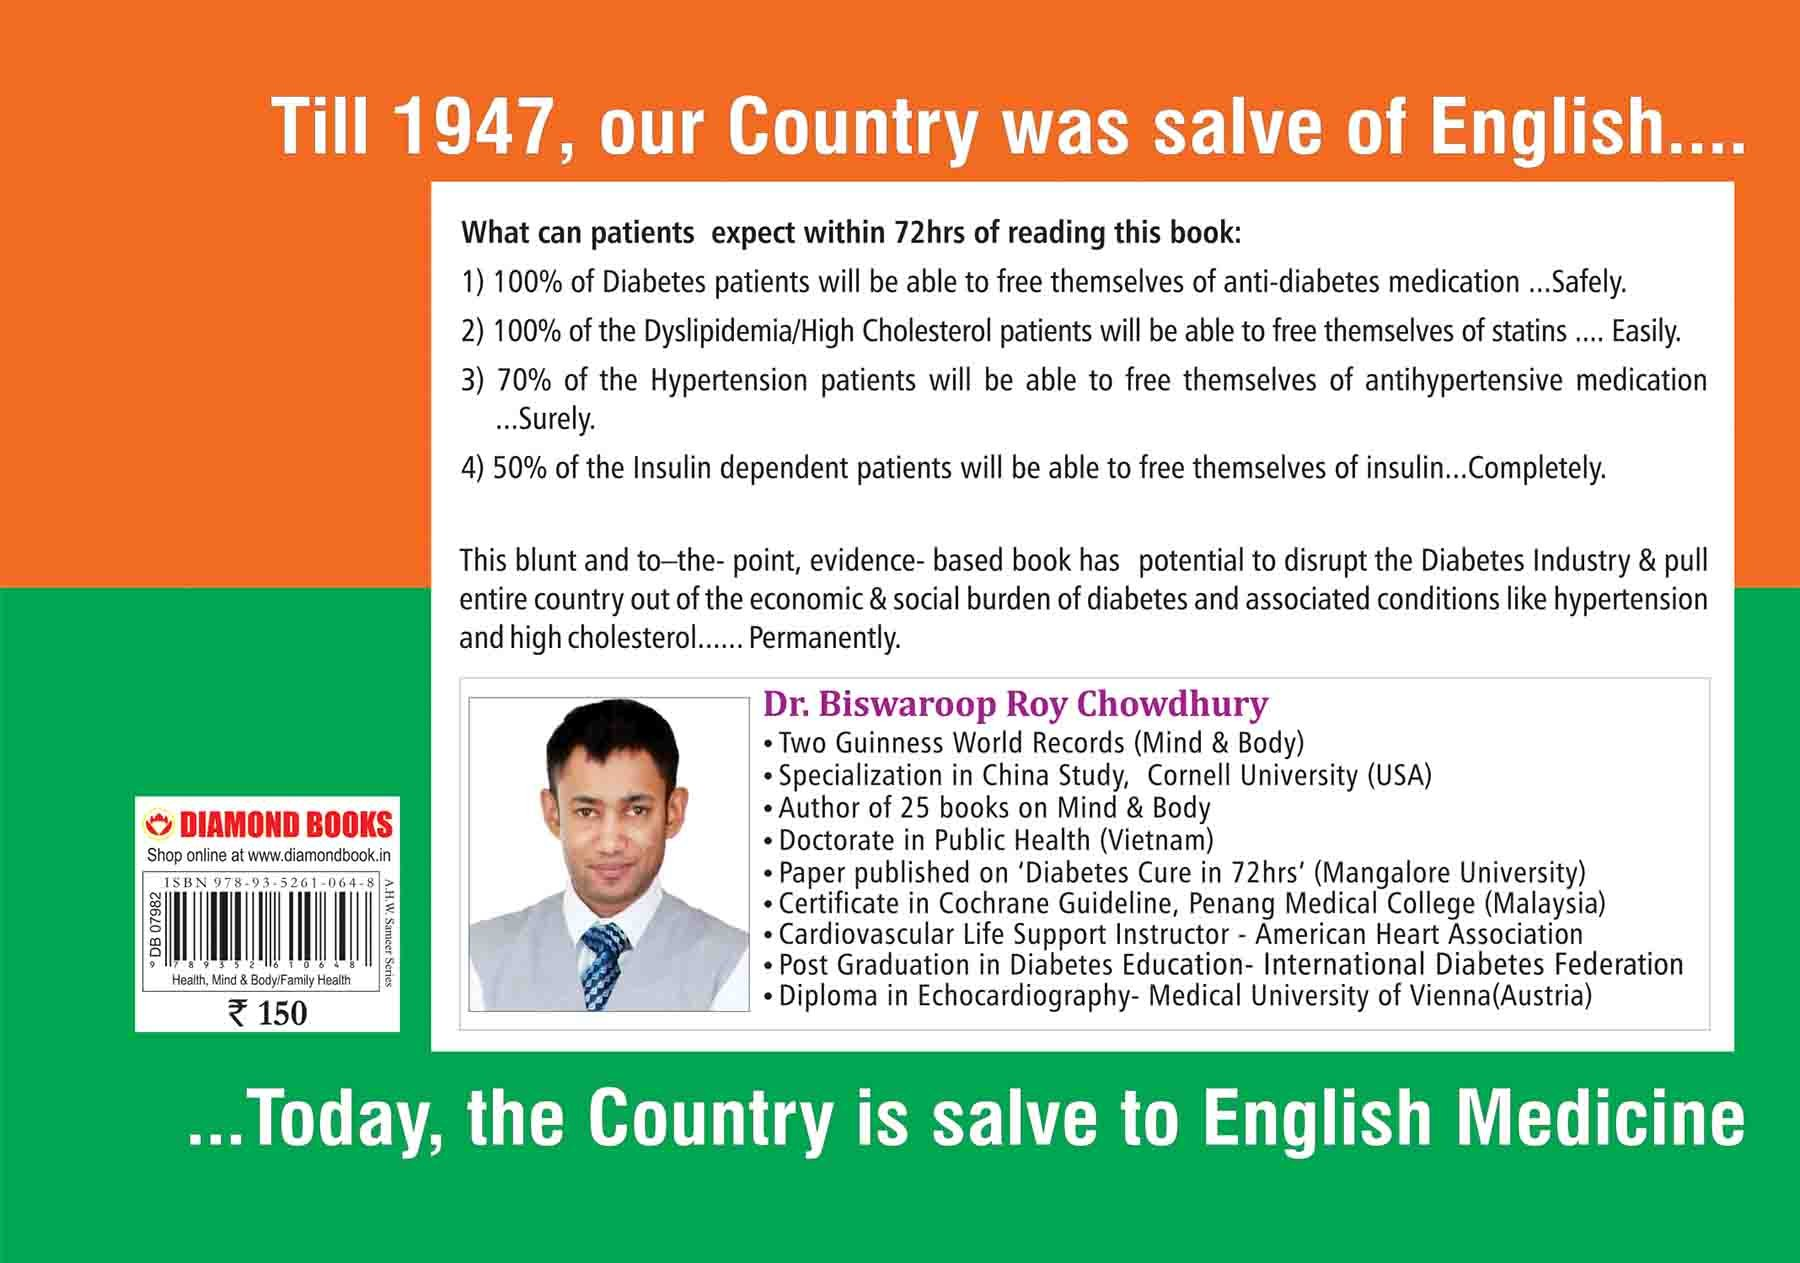 Dr. Biswaroop Roy Chowdhury Diabetes